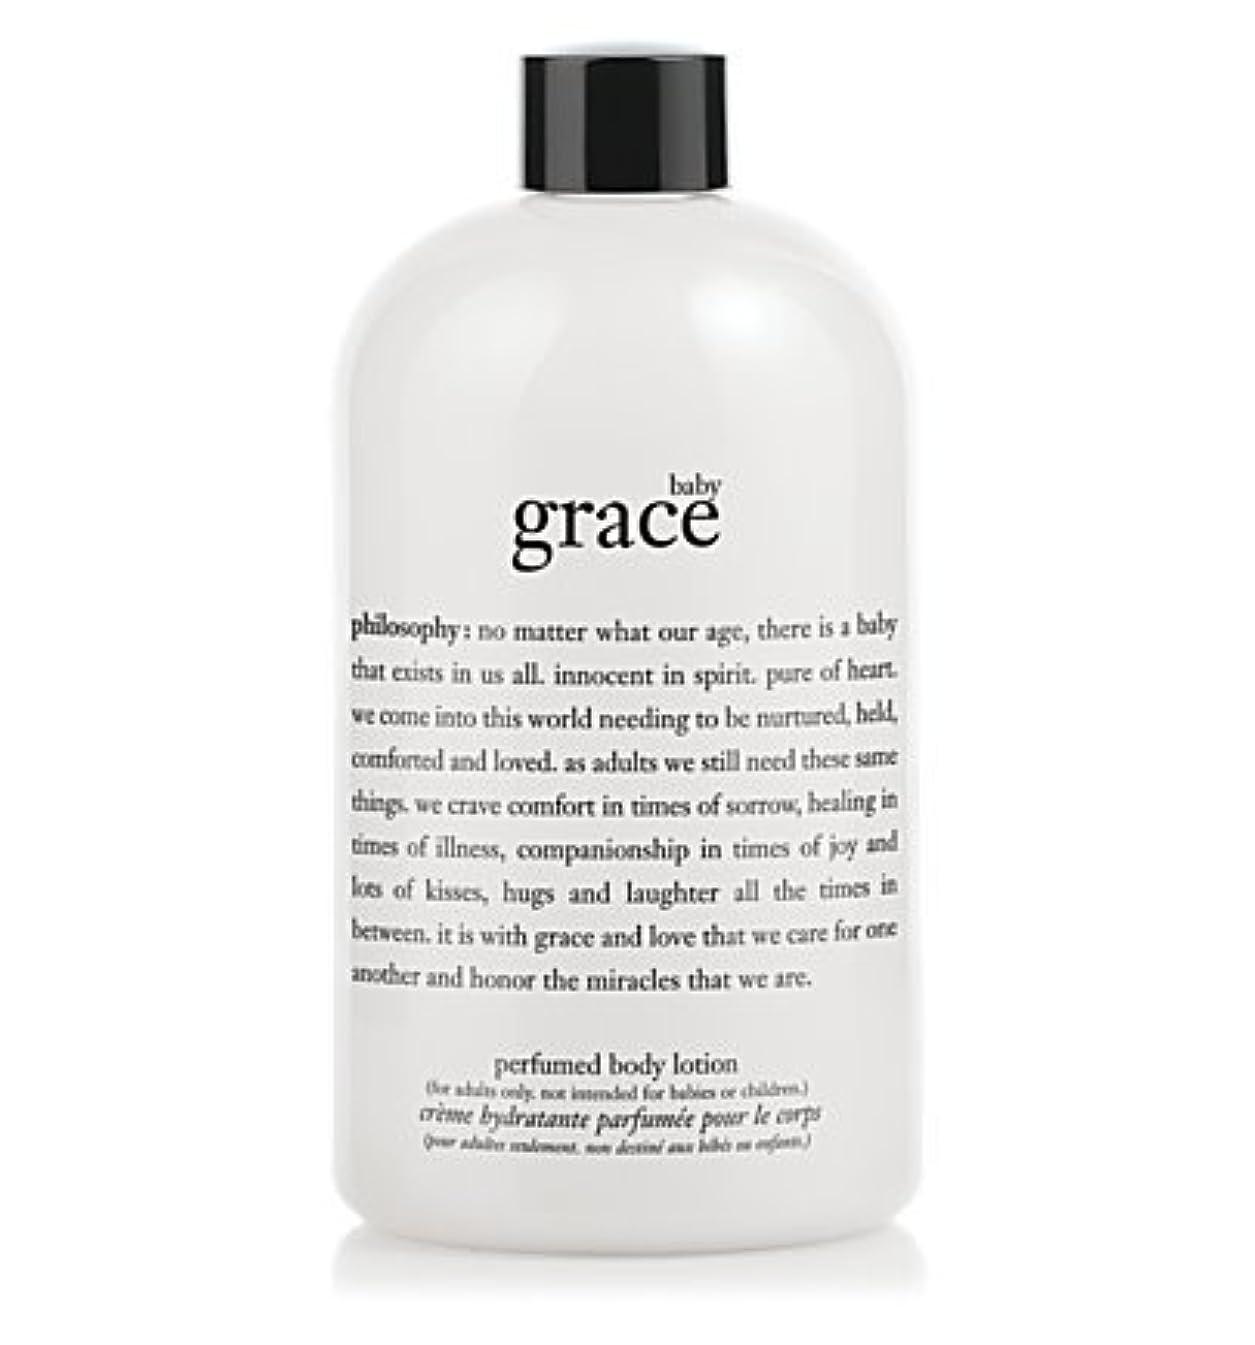 外側ポルティコパイントbaby grace (ベビーグレイス ) 16.0 oz (480 ml) perfumed body lotion for Women